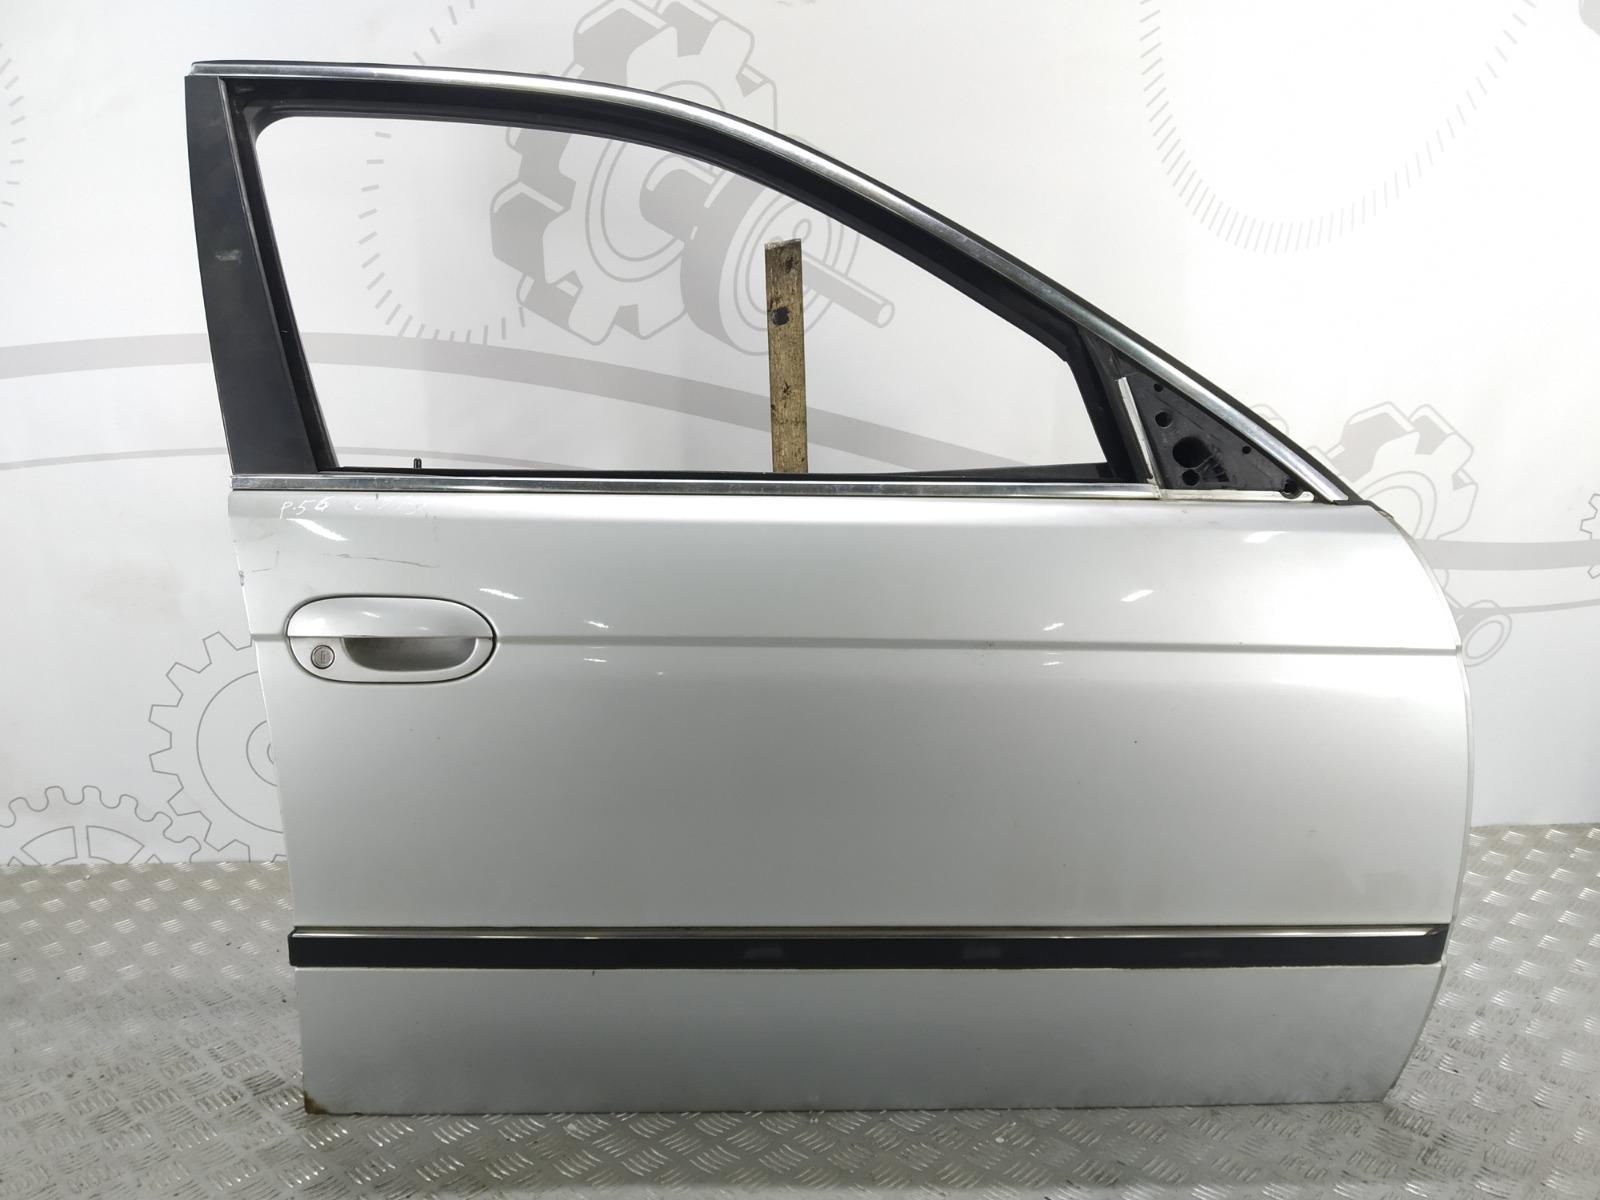 Дверь передняя правая Bmw 5 E39 2.0 I 1999 (б/у)